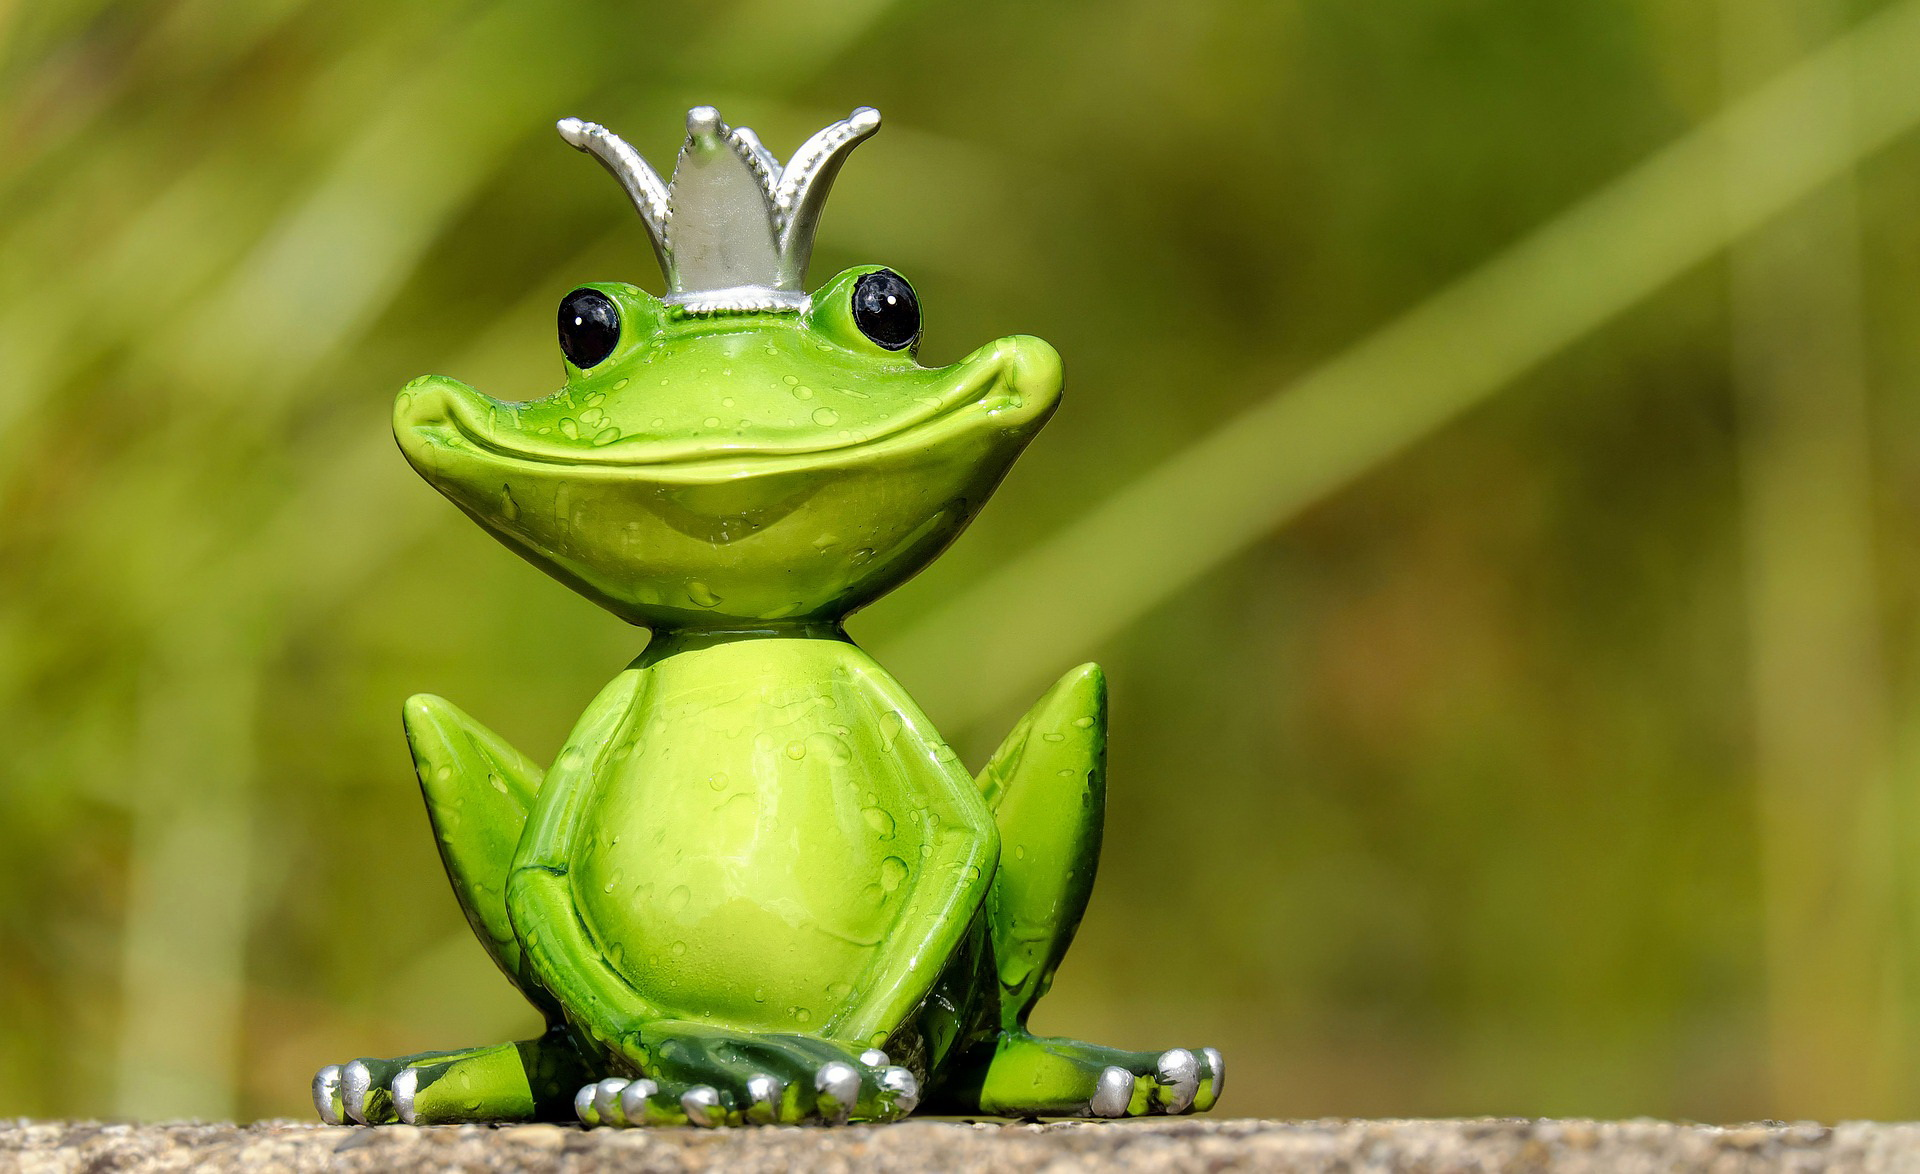 pewna żaba była słaba wierszyk dla dzieci